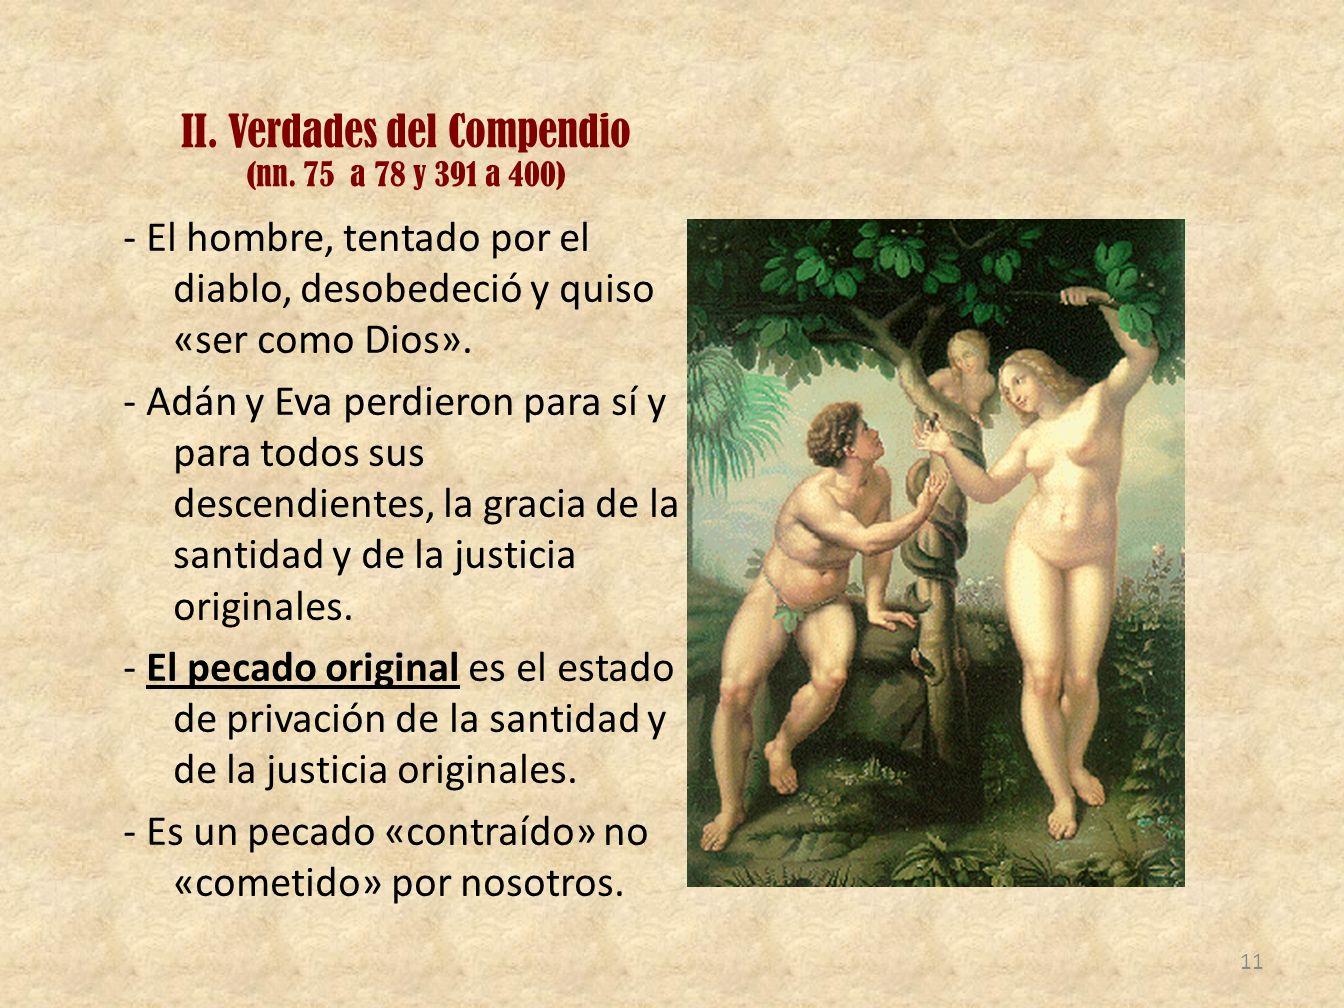 II. Verdades del Compendio (nn. 75 a 78 y 391 a 400) - El hombre, tentado por el diablo, desobedeció y quiso «ser como Dios». - Adán y Eva perdieron p